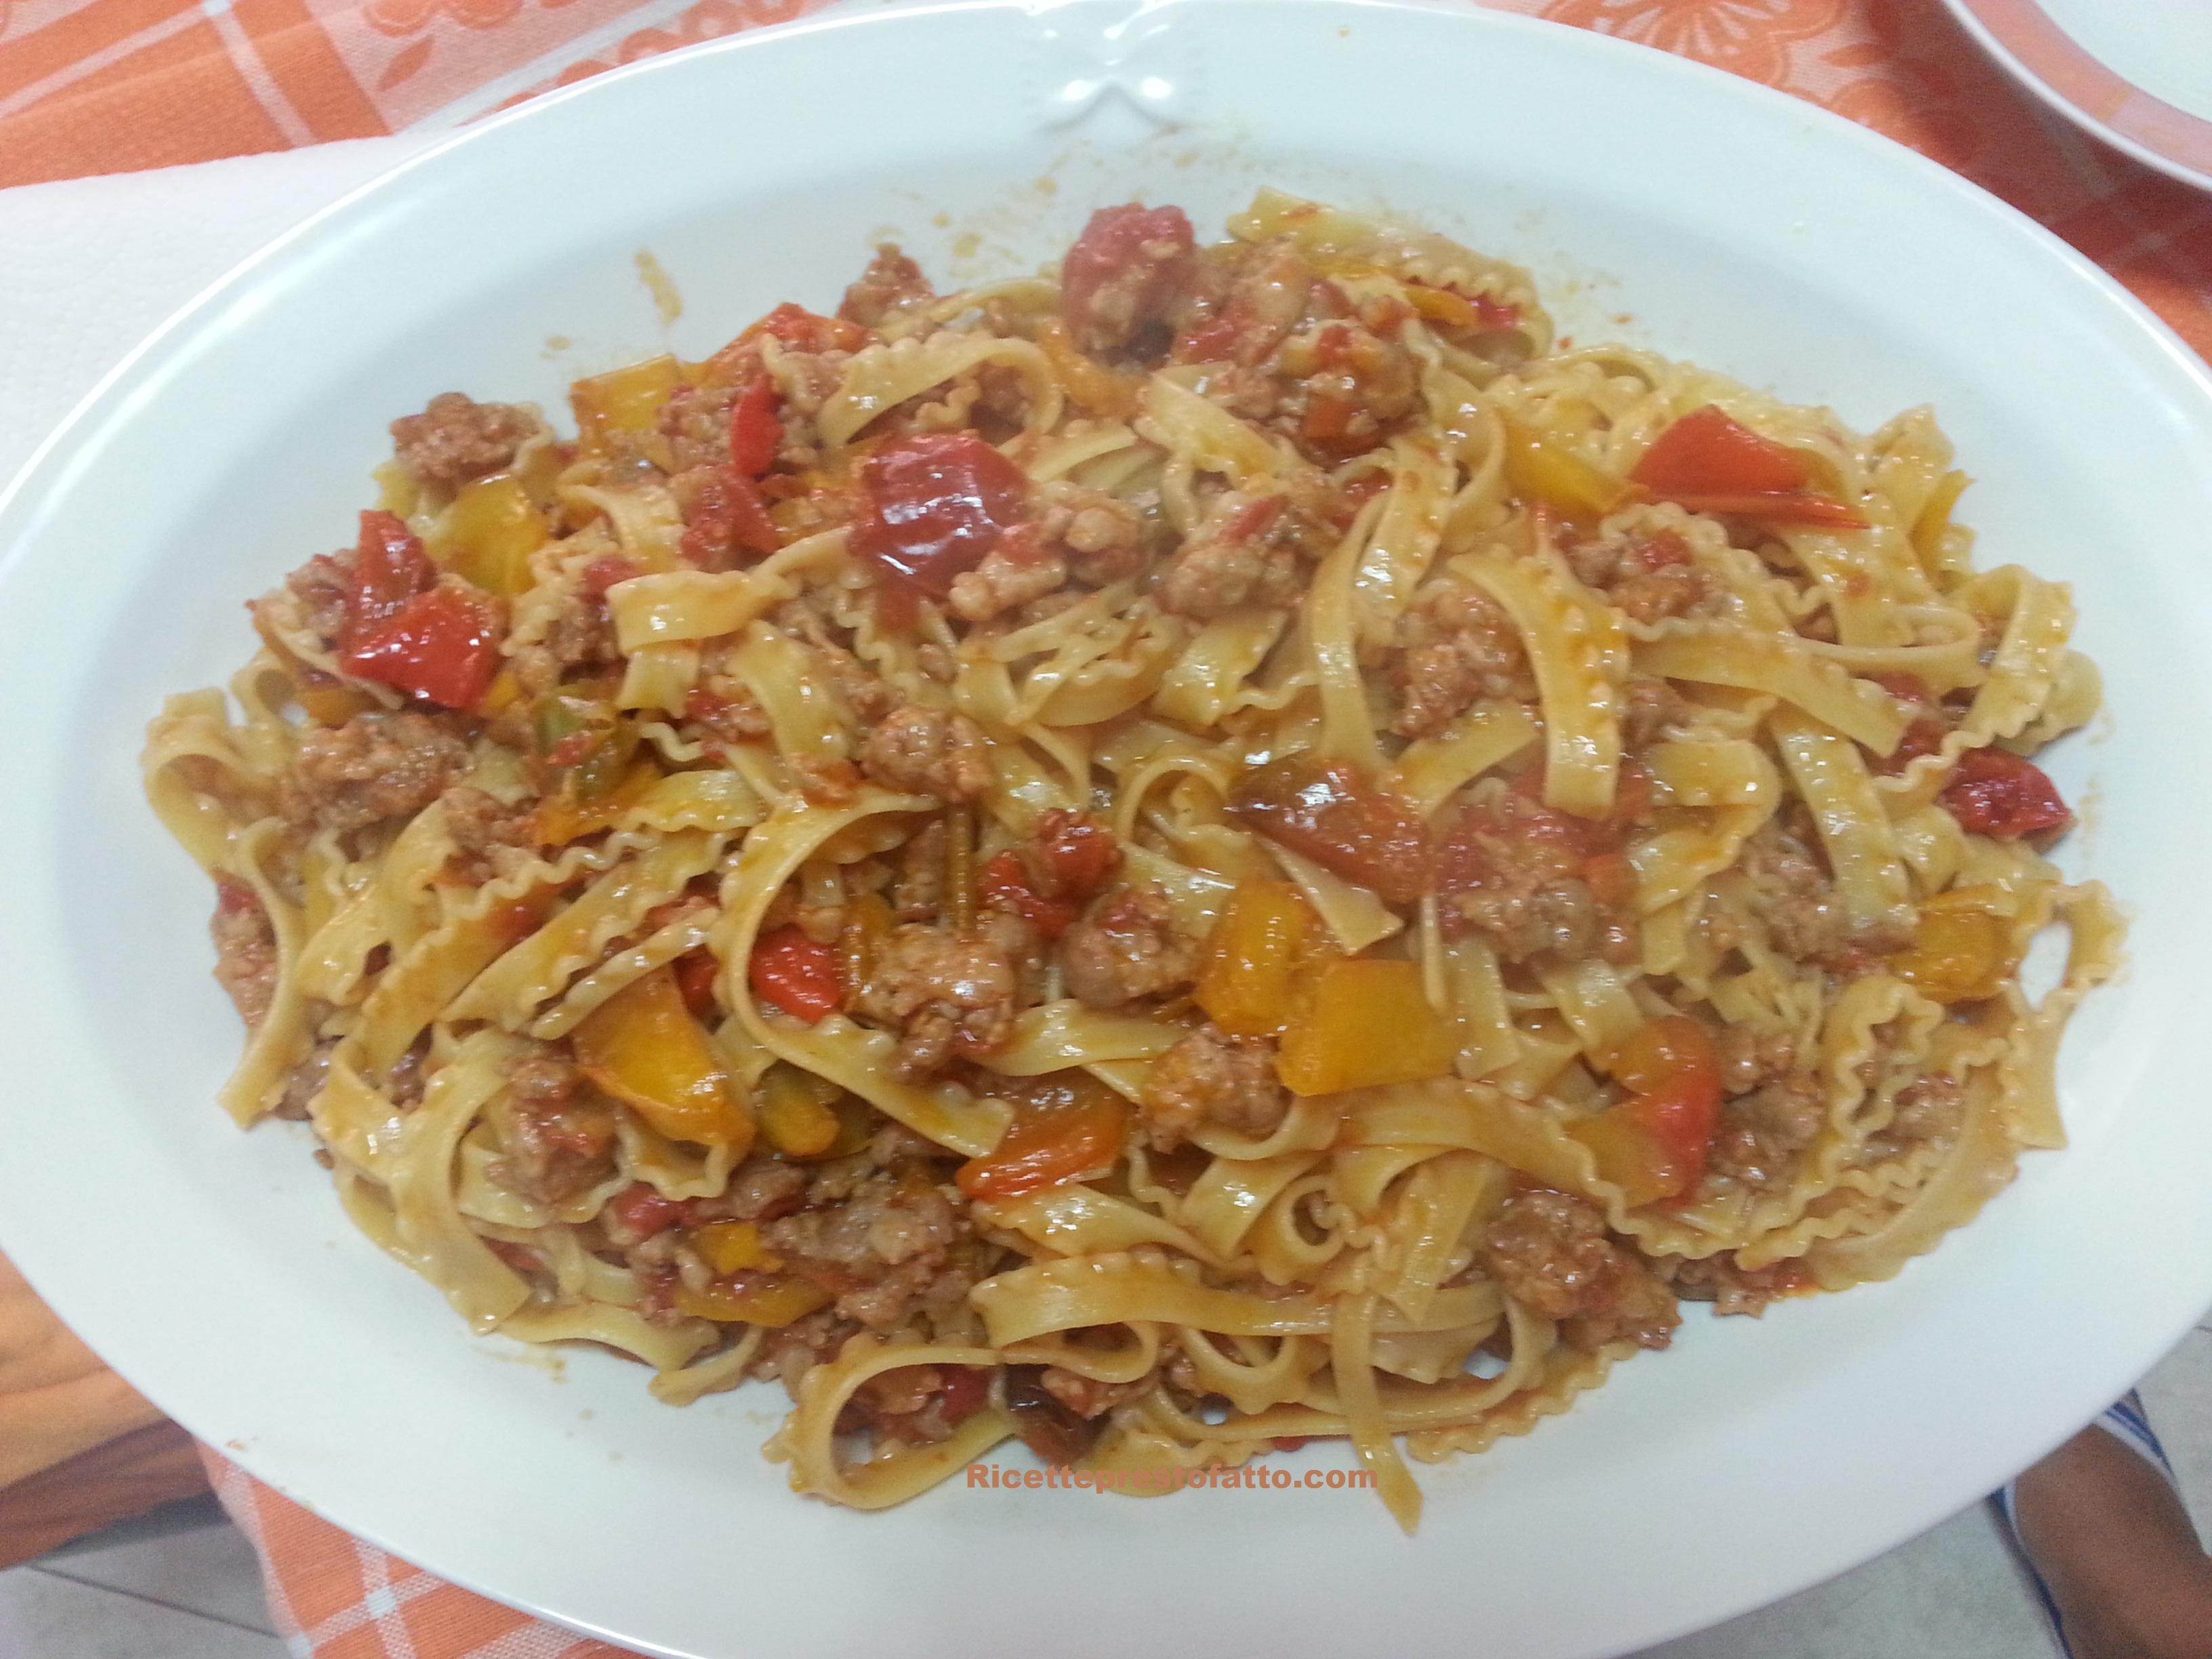 Ricetta reginette (o tripoline) con peperoni e salsicce